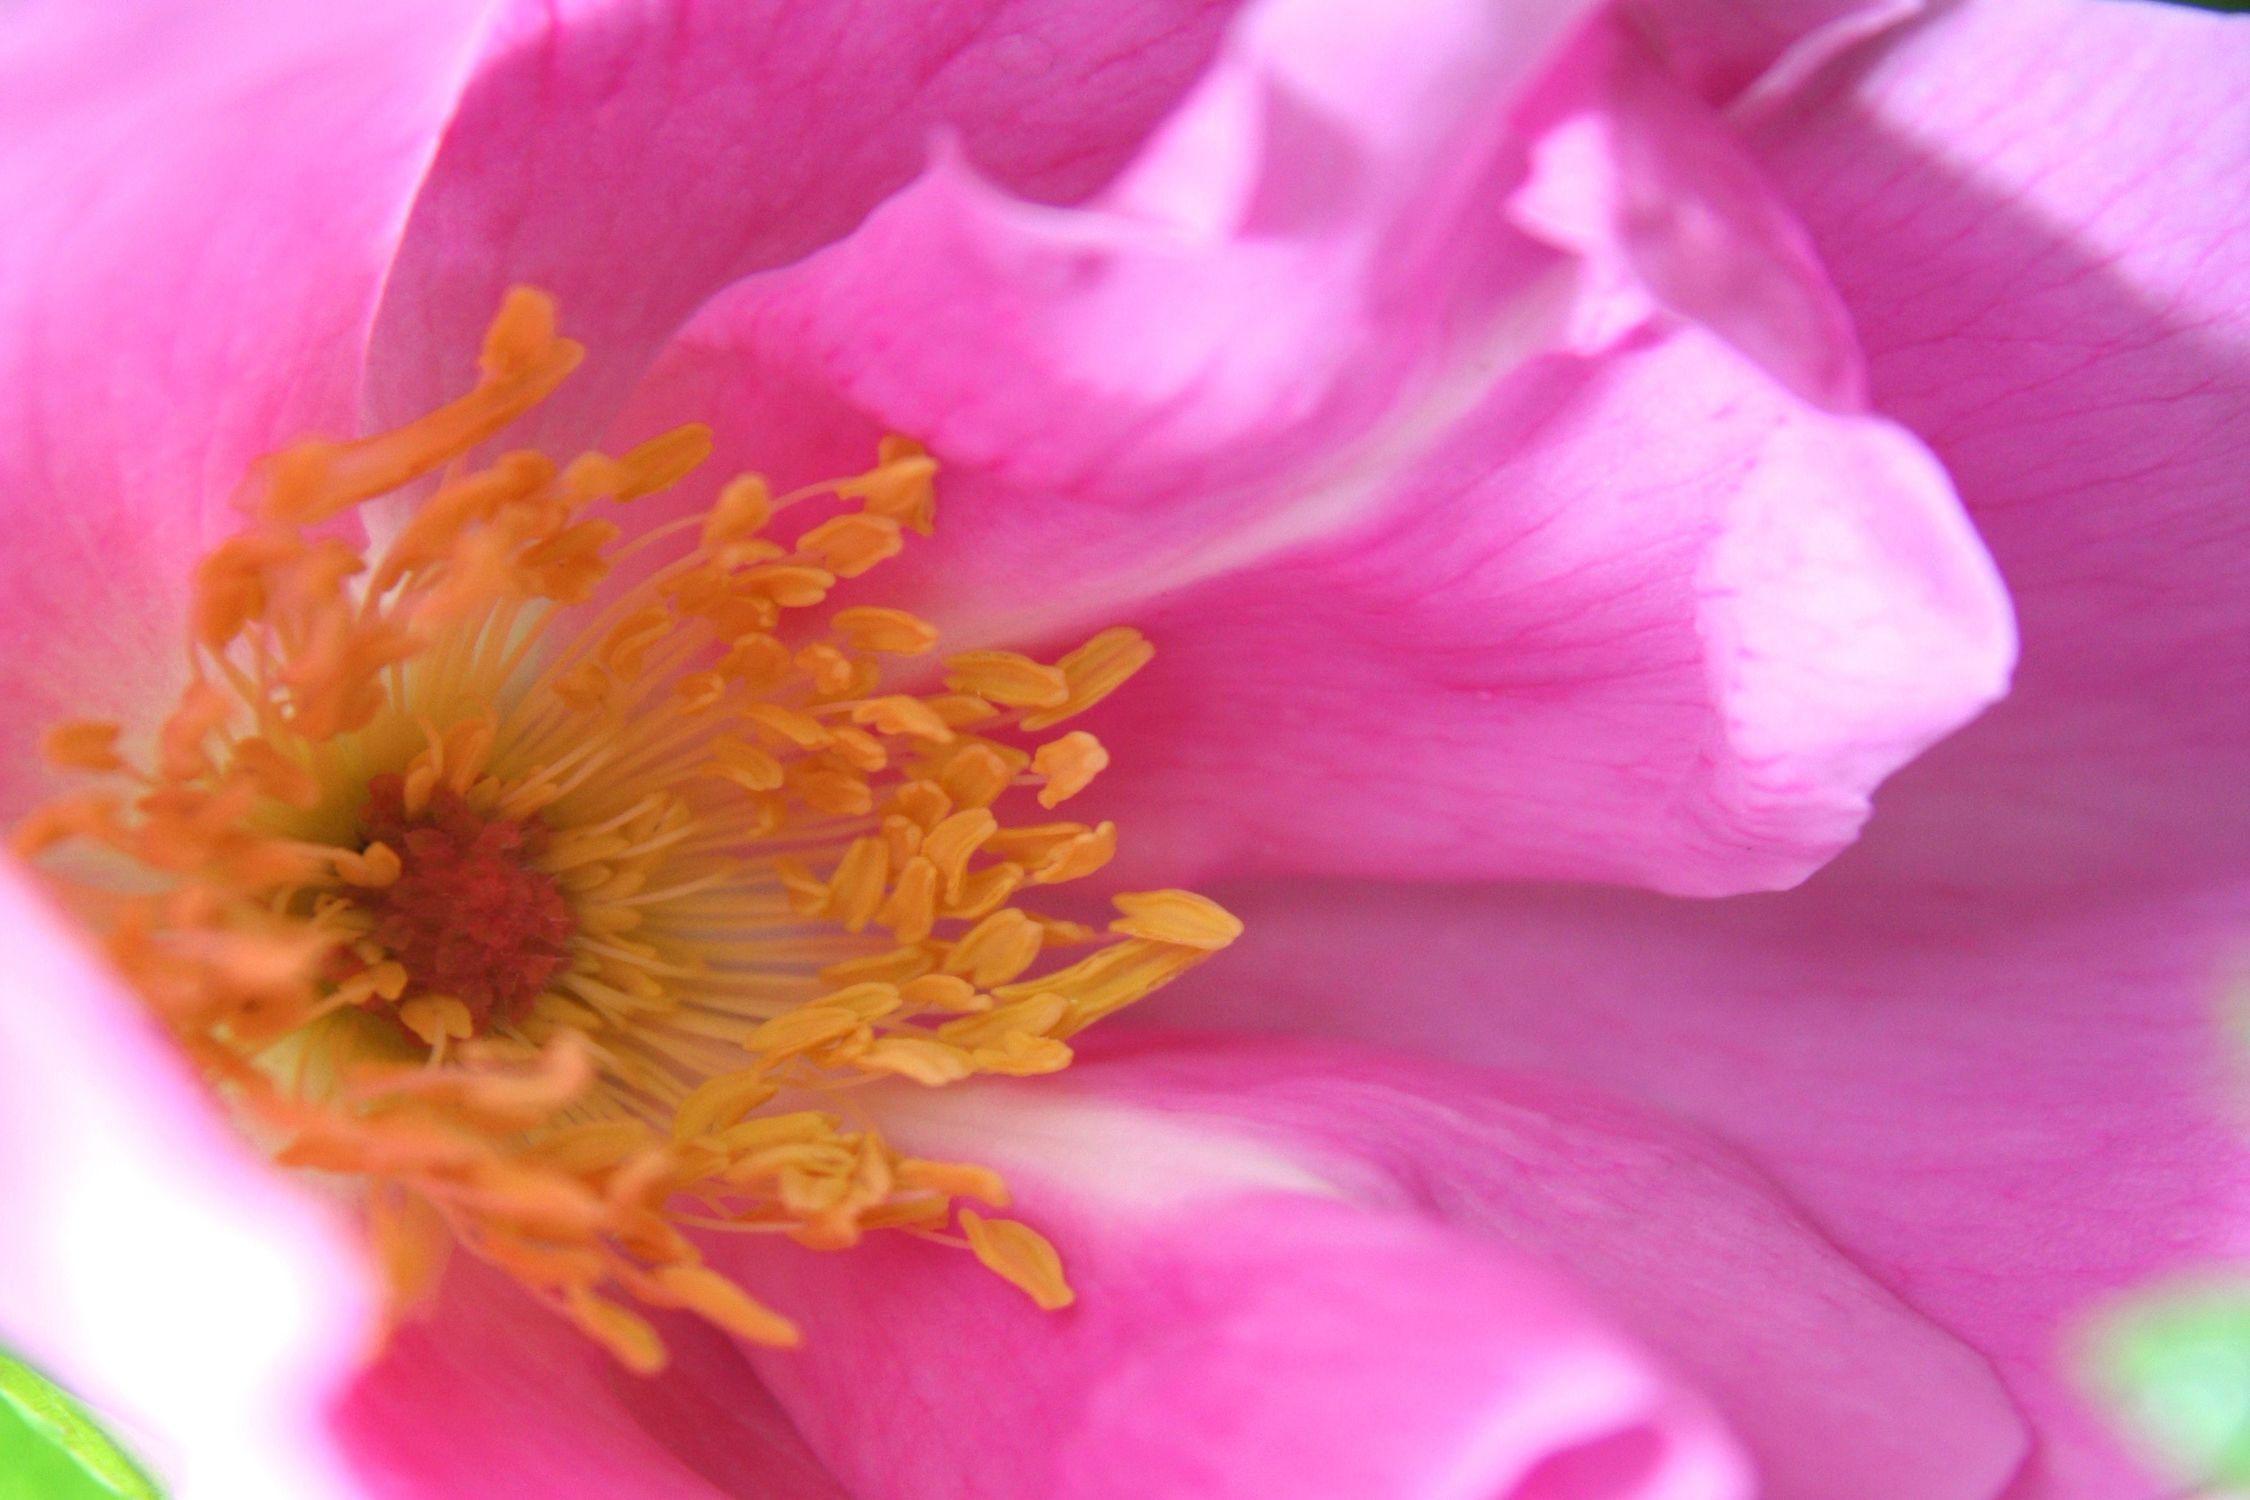 Bild mit Farben, Natur, Pflanzen, Blumen, Rosa, Rosen, Kamelien, Blume, Pflanze, kamelie